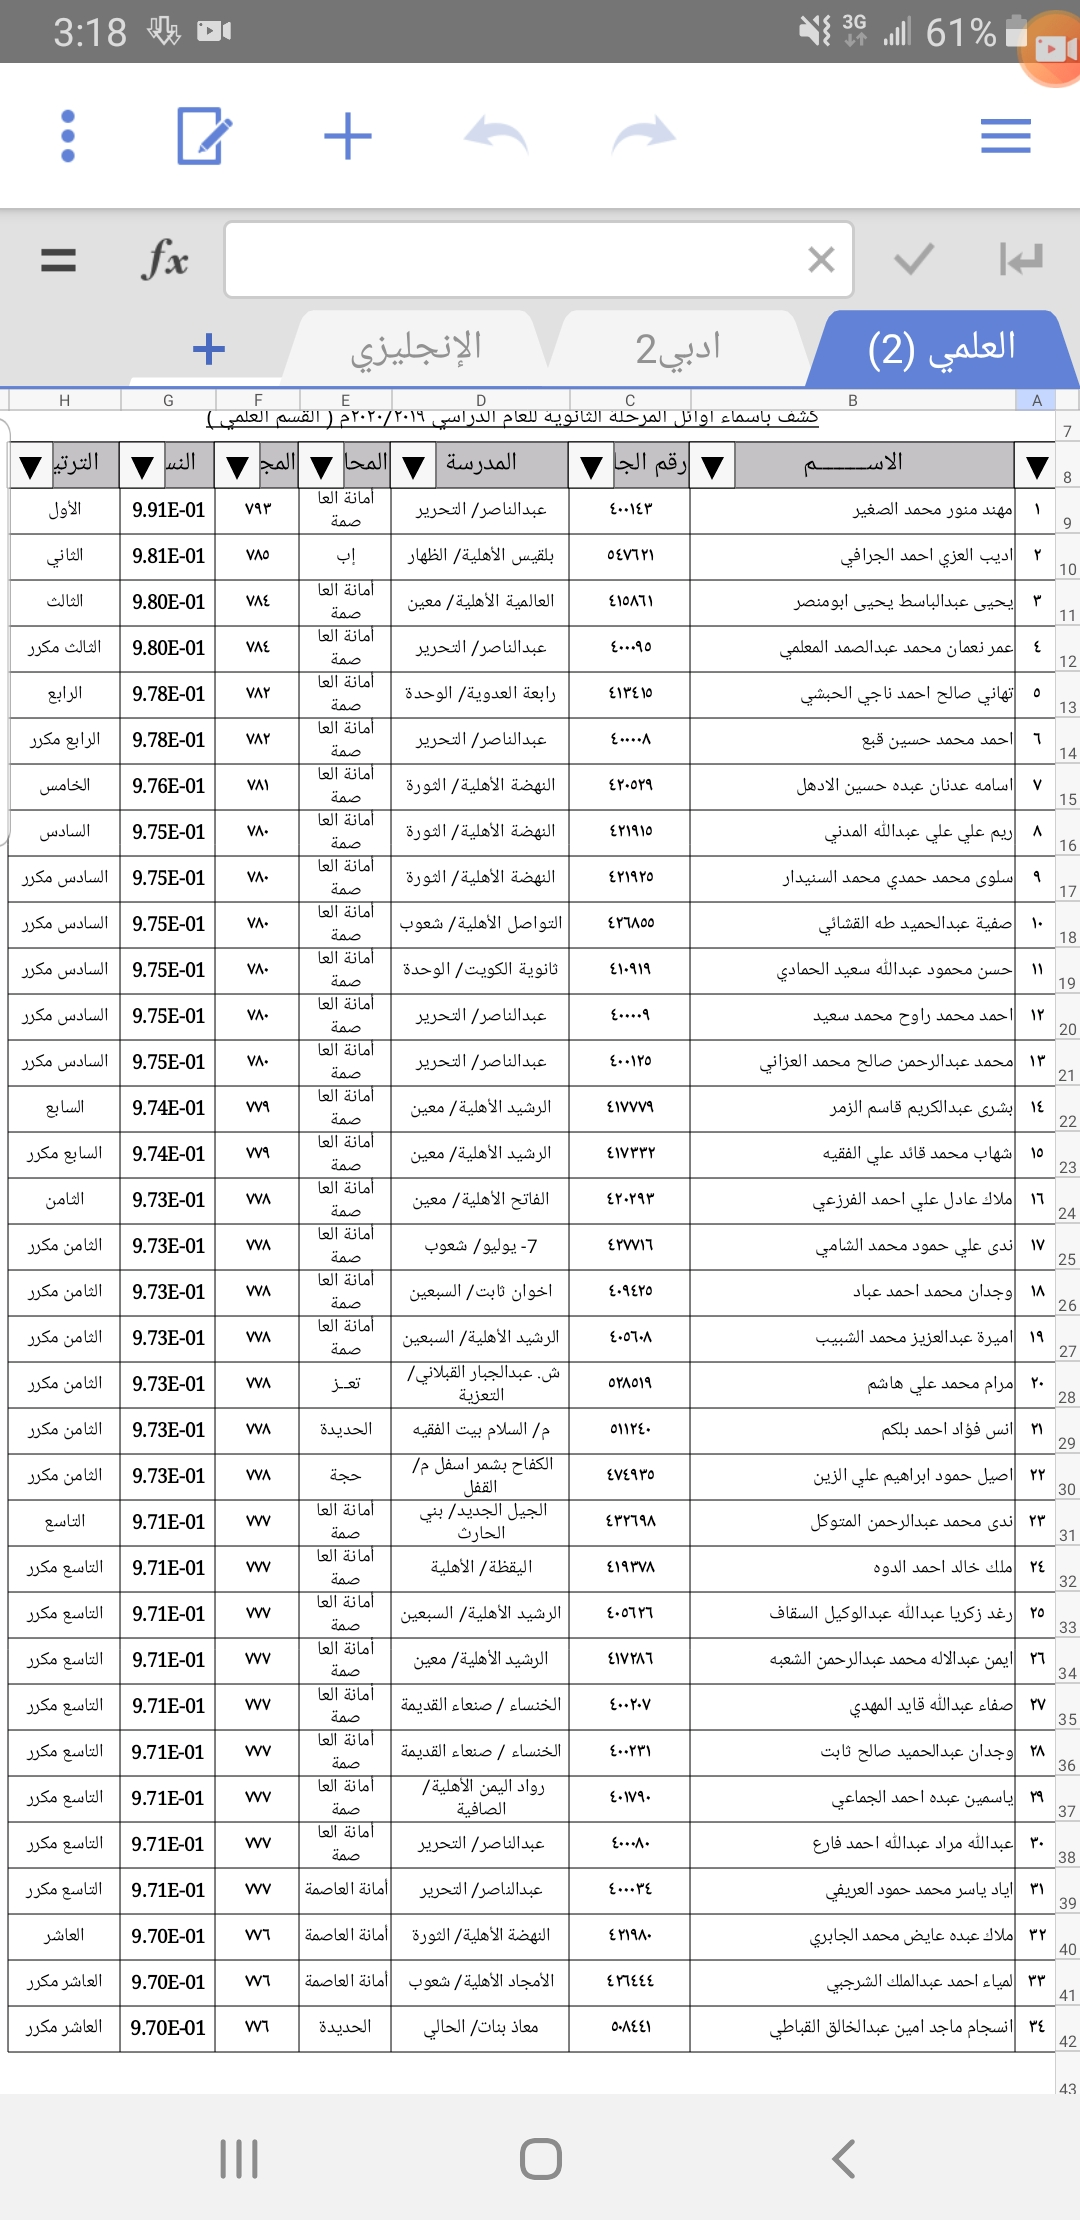 اوائل الثانوية العامة في اليمن2020